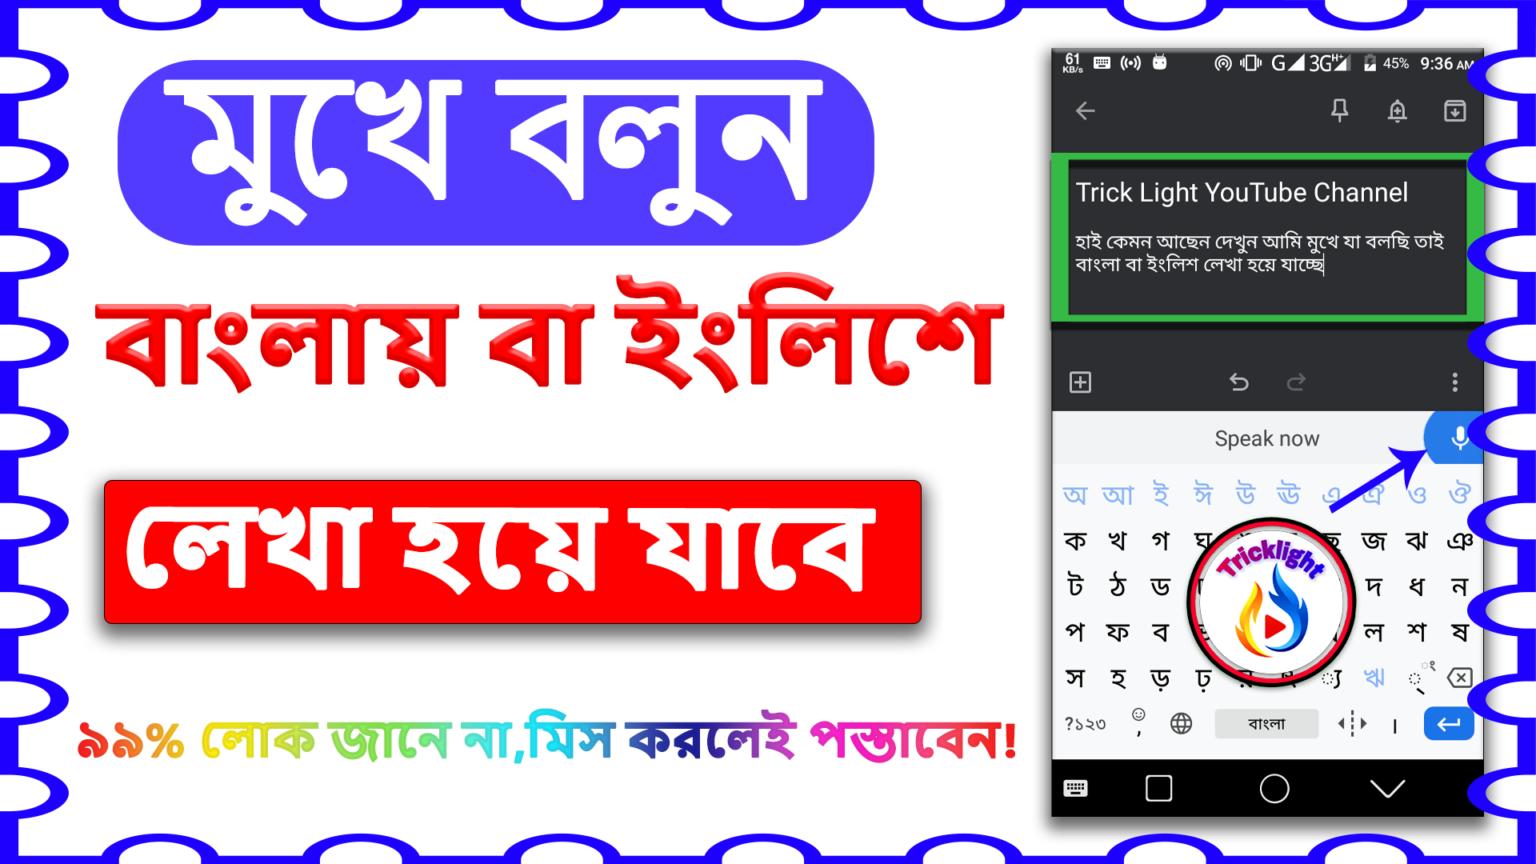 শুধু মুখে বলুন বাংলায় বা  ইংলিশে লেখা হয়ে যাবে,How To Write Bangla & English by Voice Command,Don't Miss!